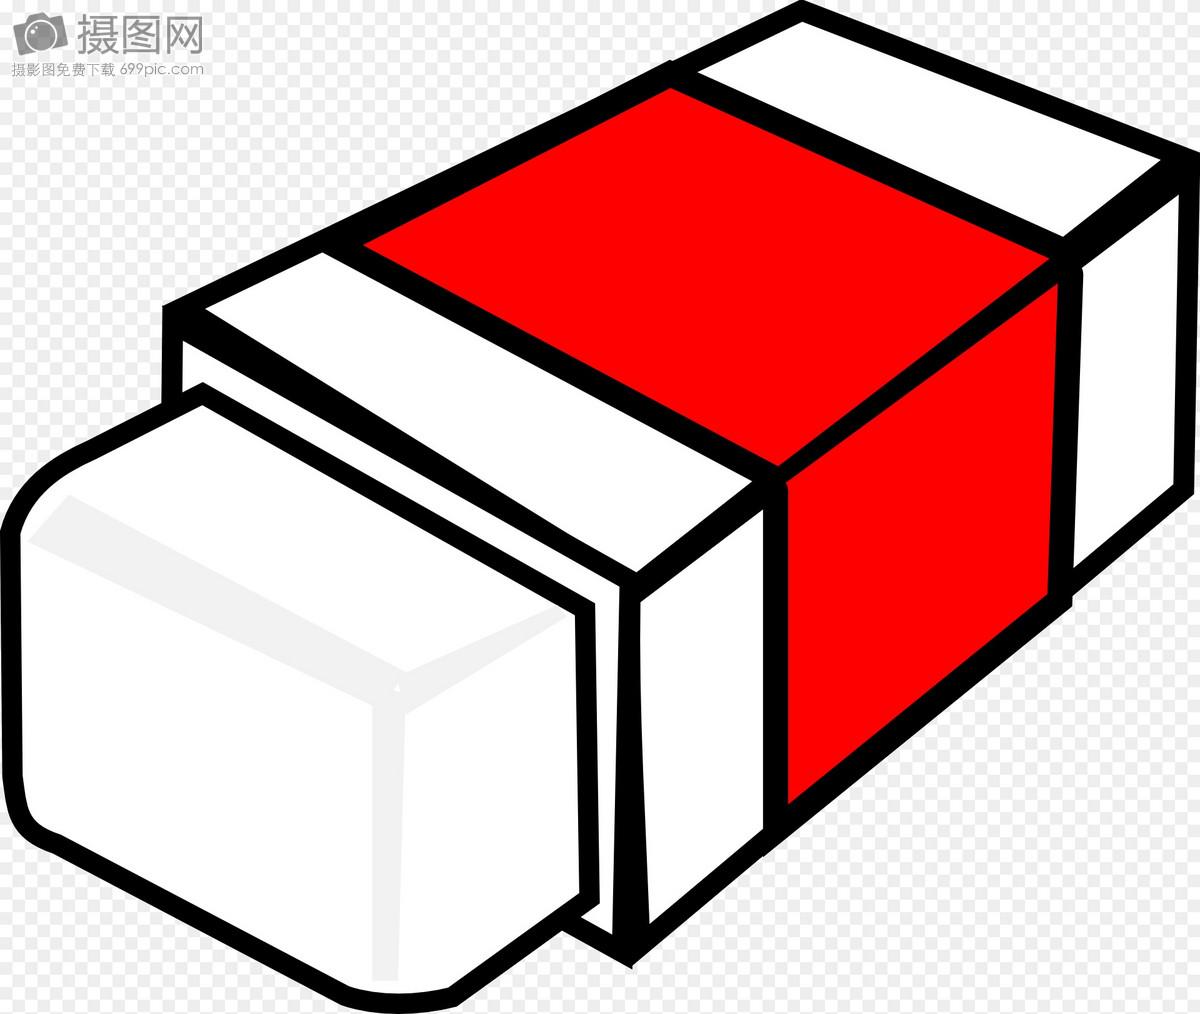 橡皮擦, 橡胶图片素材_免费下载_svg图片格式_高清图片400011146_摄